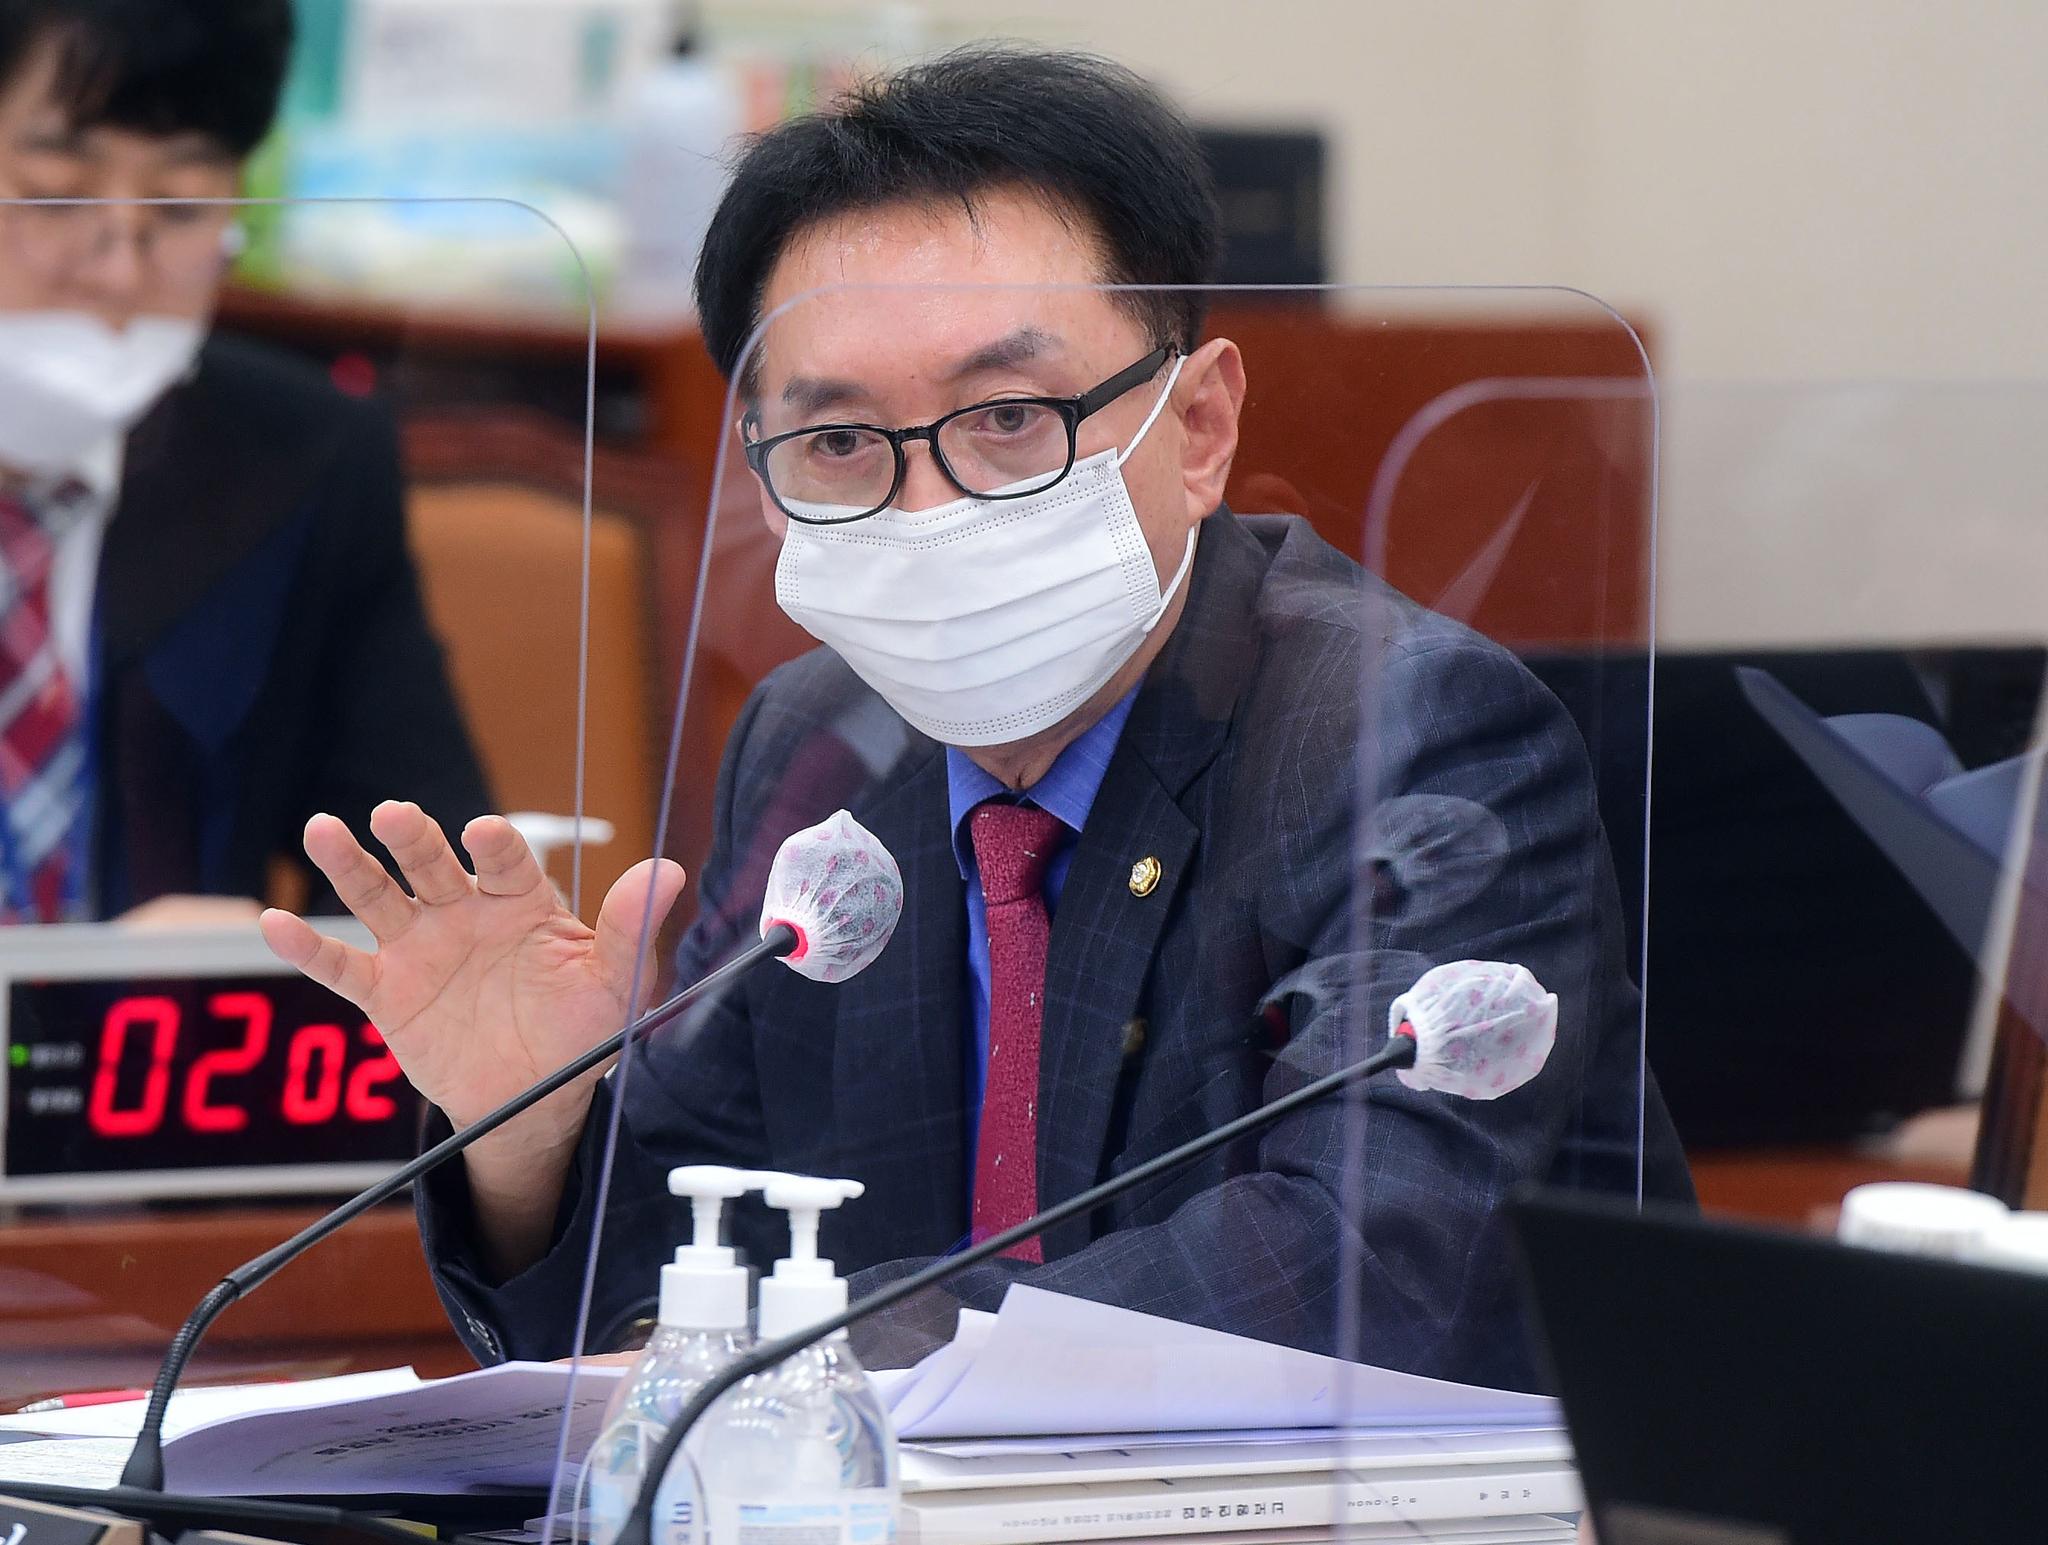 김석기 국민의당 의원이 8일 서울 여의도 국회에서 열린 외교통일위원회의 통일부 등에 대한 국정감사에서 질의를 하고 있다. 뉴시스